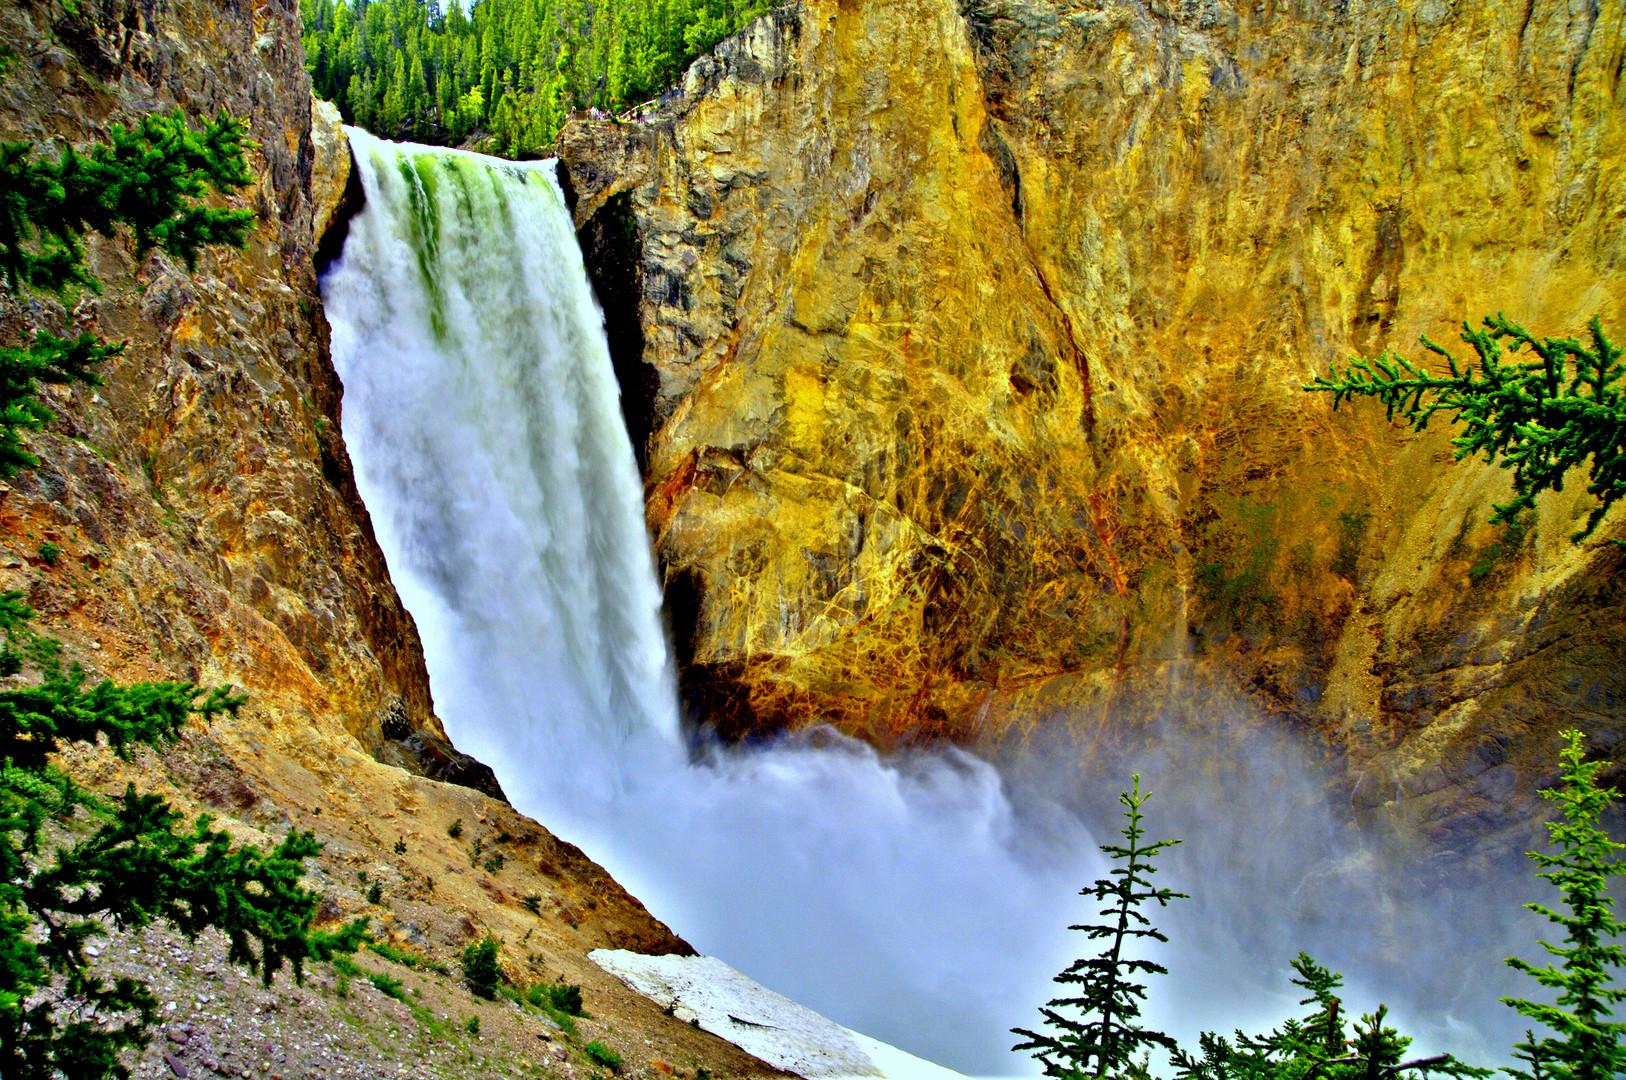 Wasserfall (Lower Falls) des Yellowstone Rivers im Yellowstone Nationalpark (Wyoming / USA)